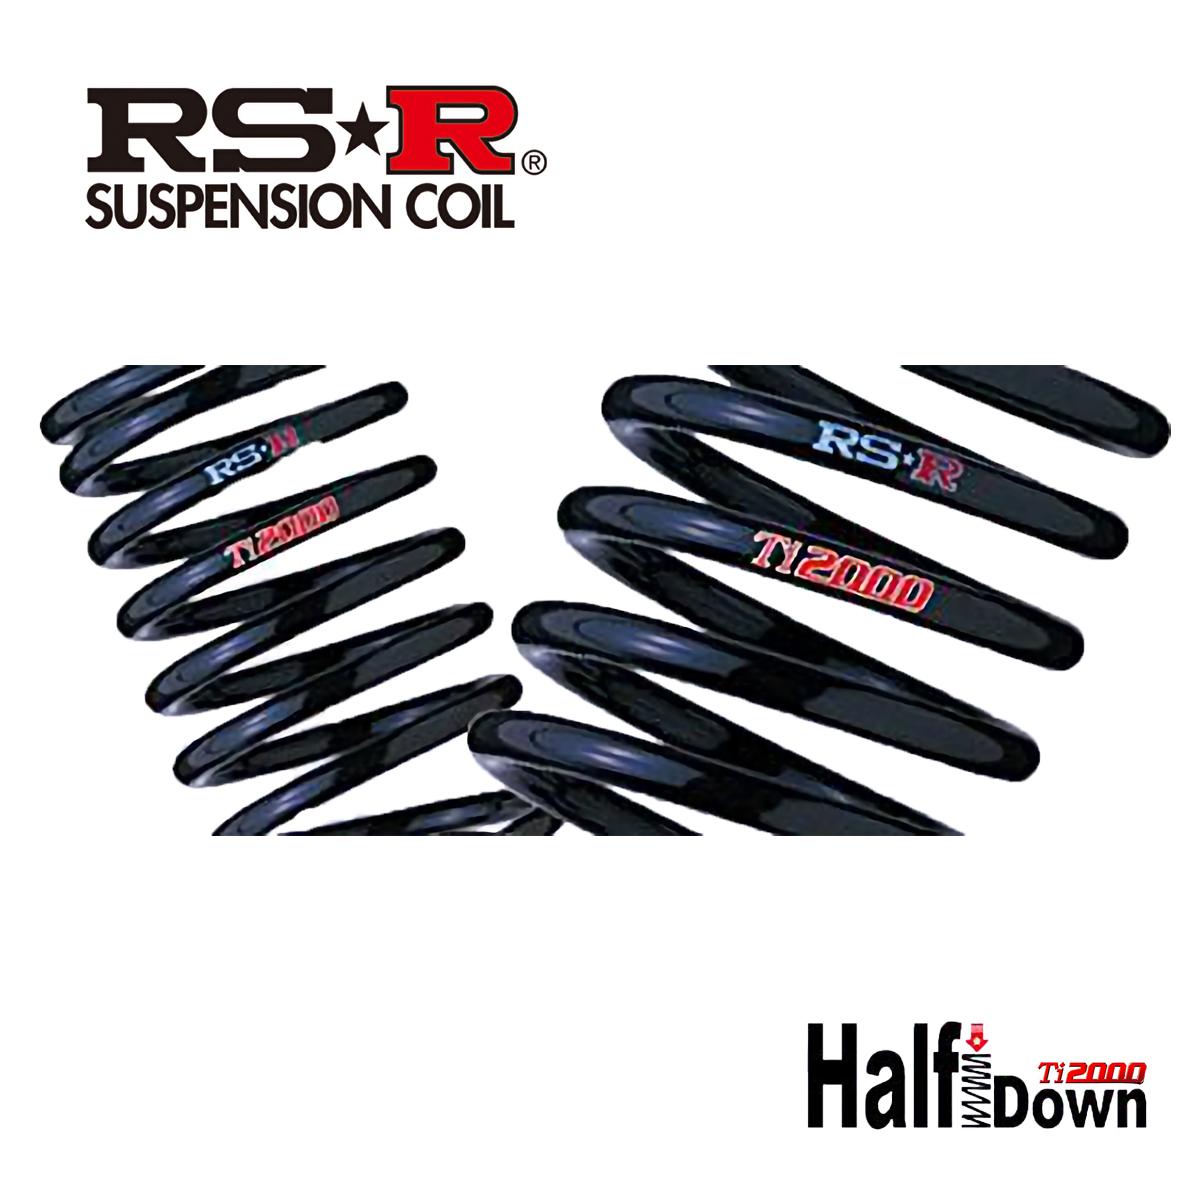 RS-R N BOXスラッシュ G JF2 ダウンサス スプリング 1台分 H406THD Ti2000 ハーフダウン RSR 個人宅発送追金有